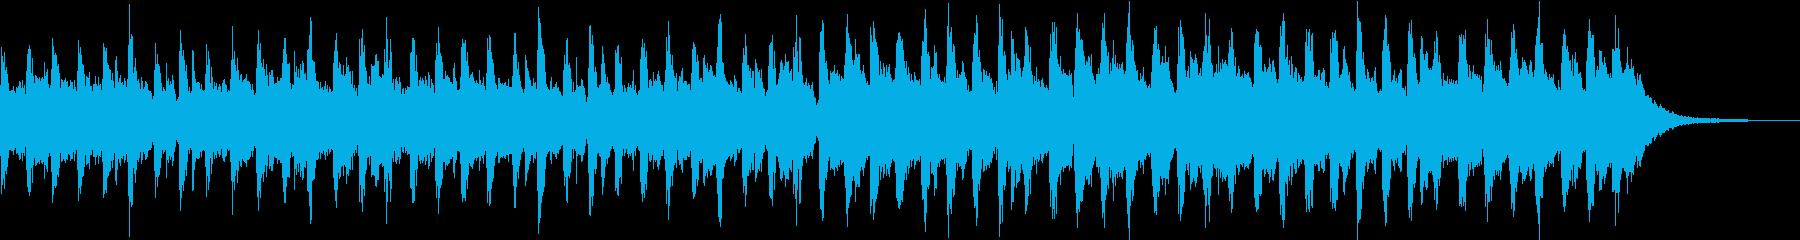 ヴァイオリン・マリンバ/コミカルジングルの再生済みの波形